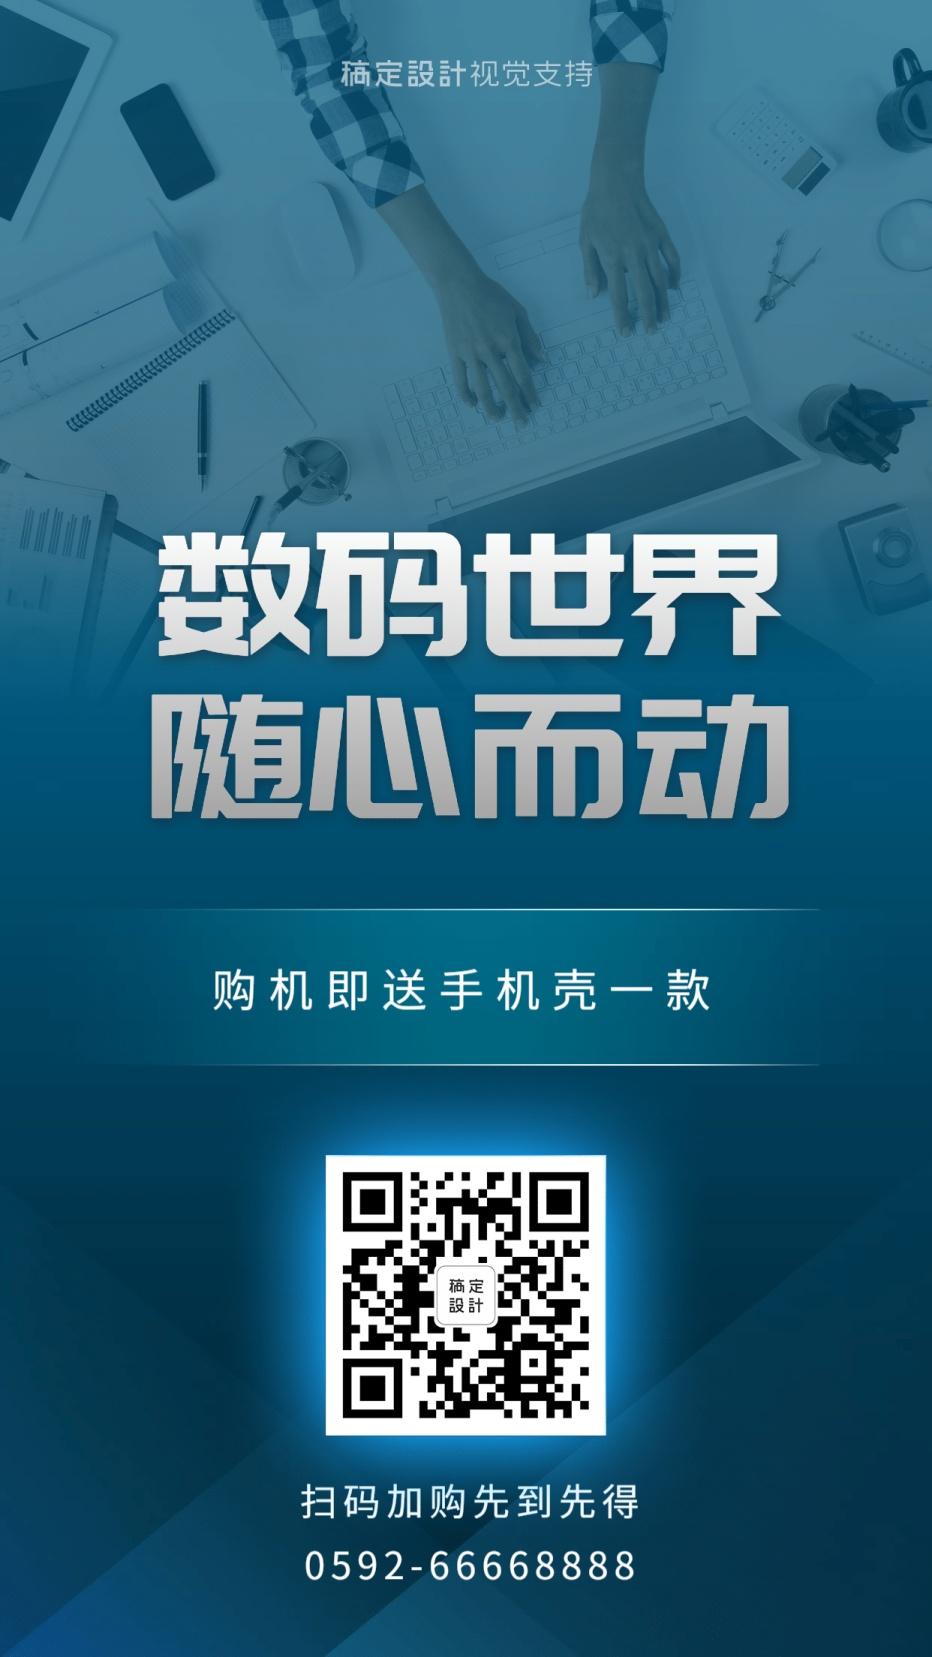 数码电子引流卖货活动促销